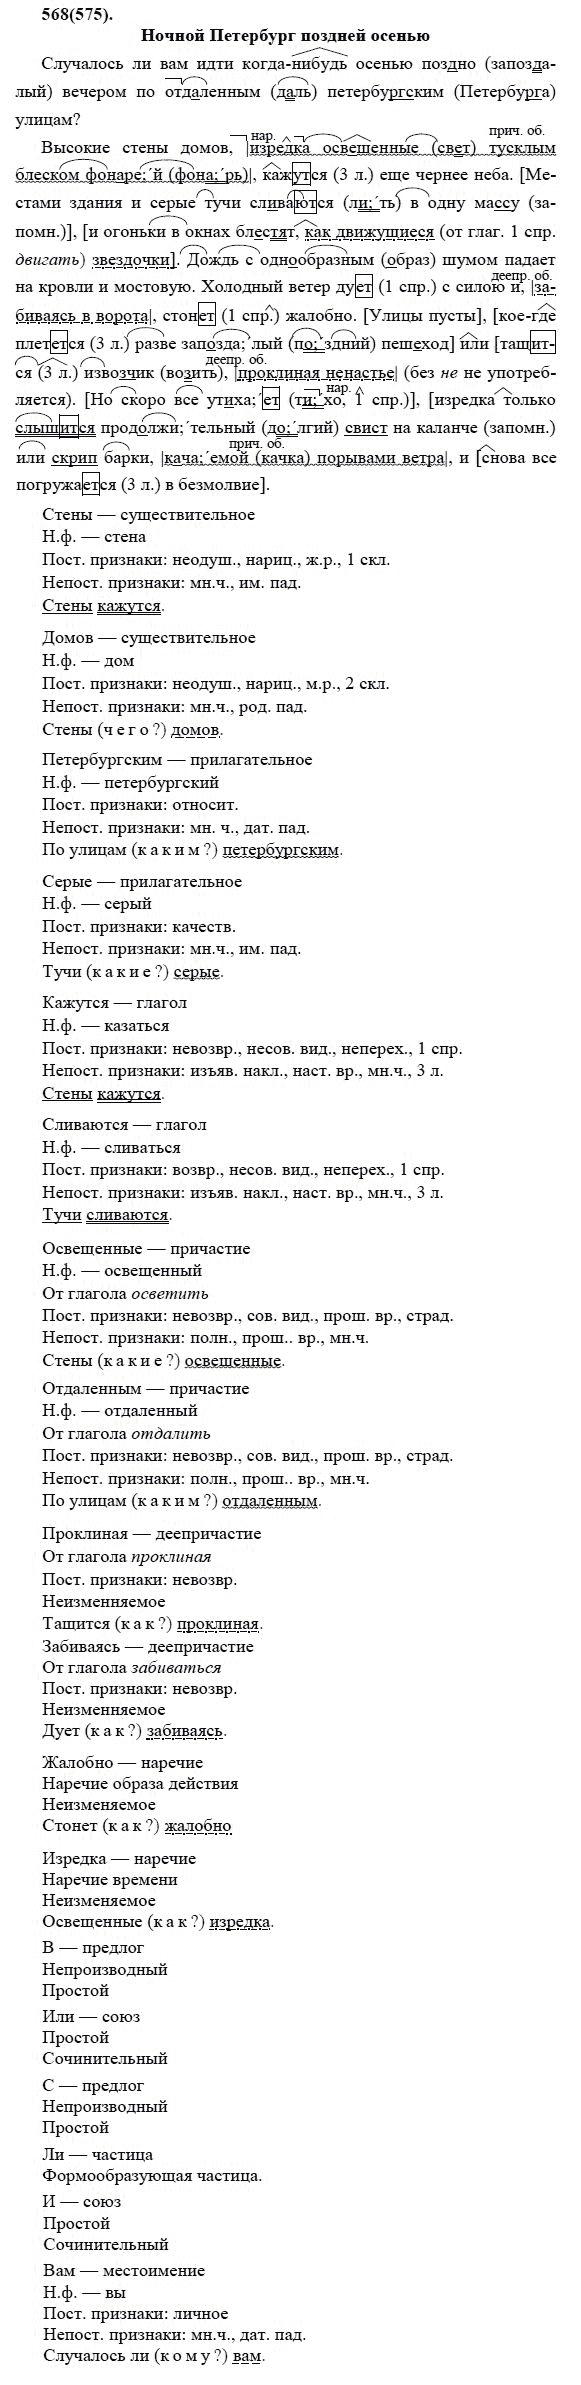 гдз по русскому языку 7 класс разумовской 2006